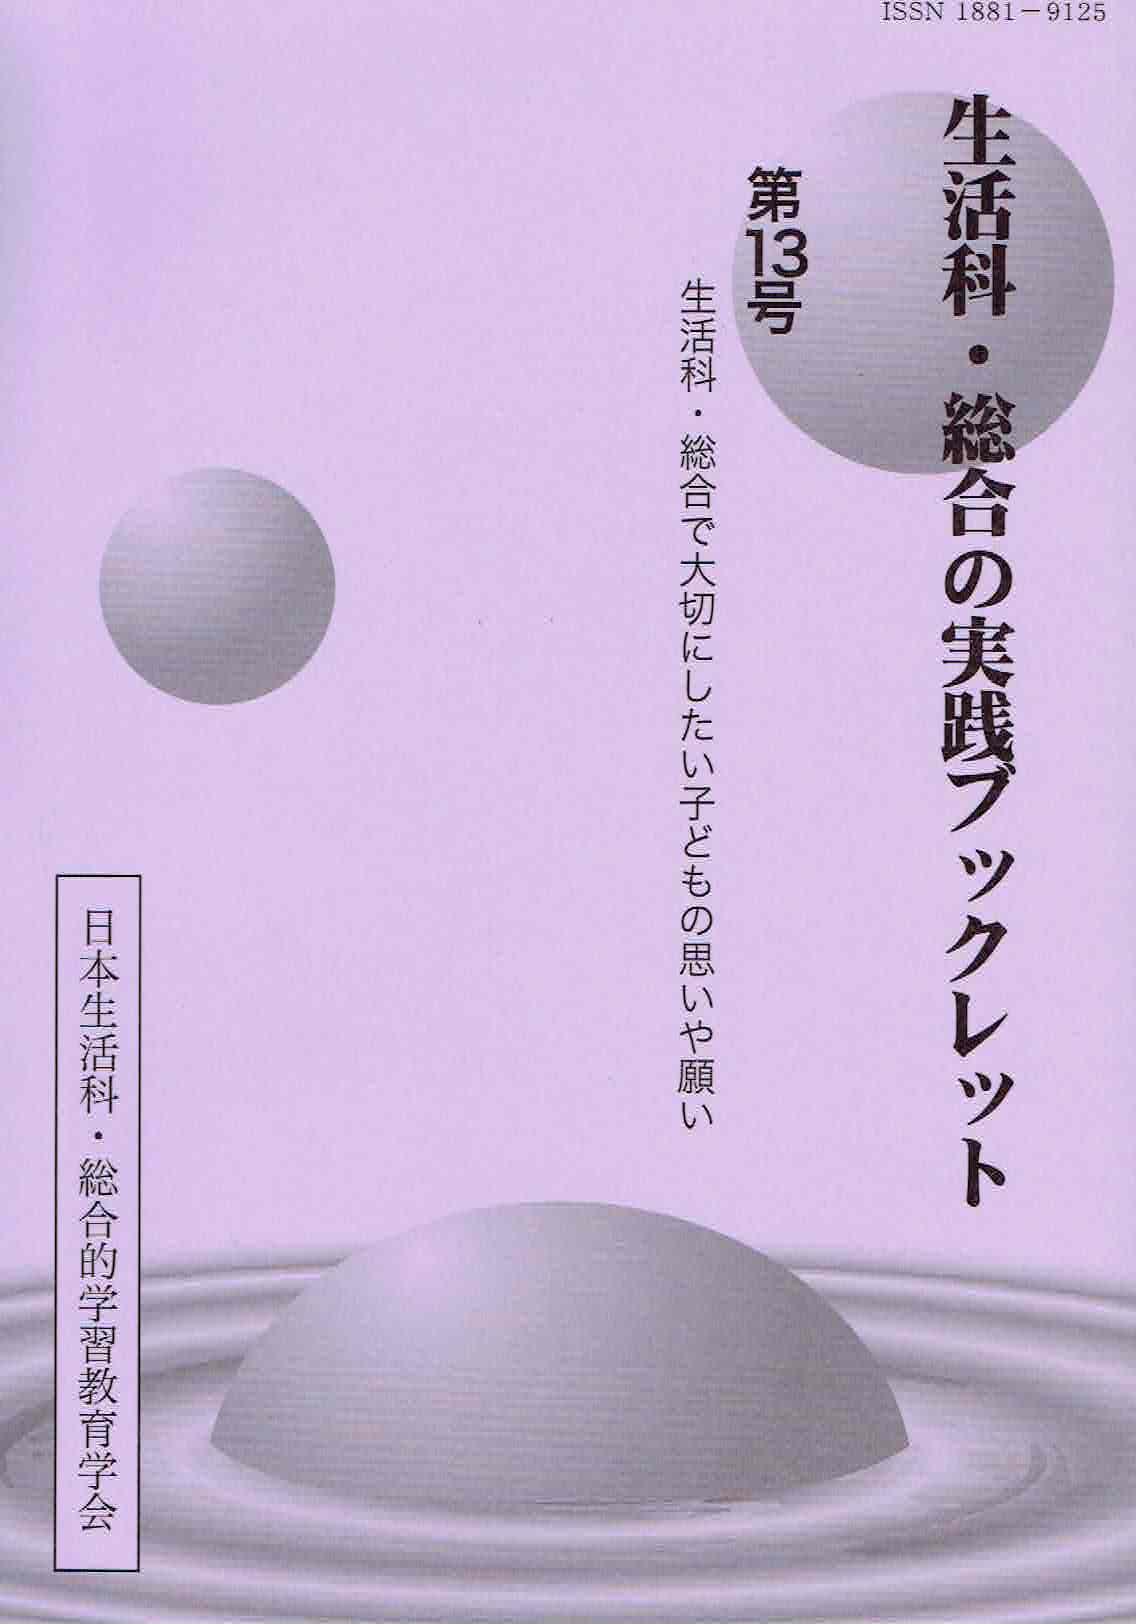 【最新号】第13号(2019年6月発行)